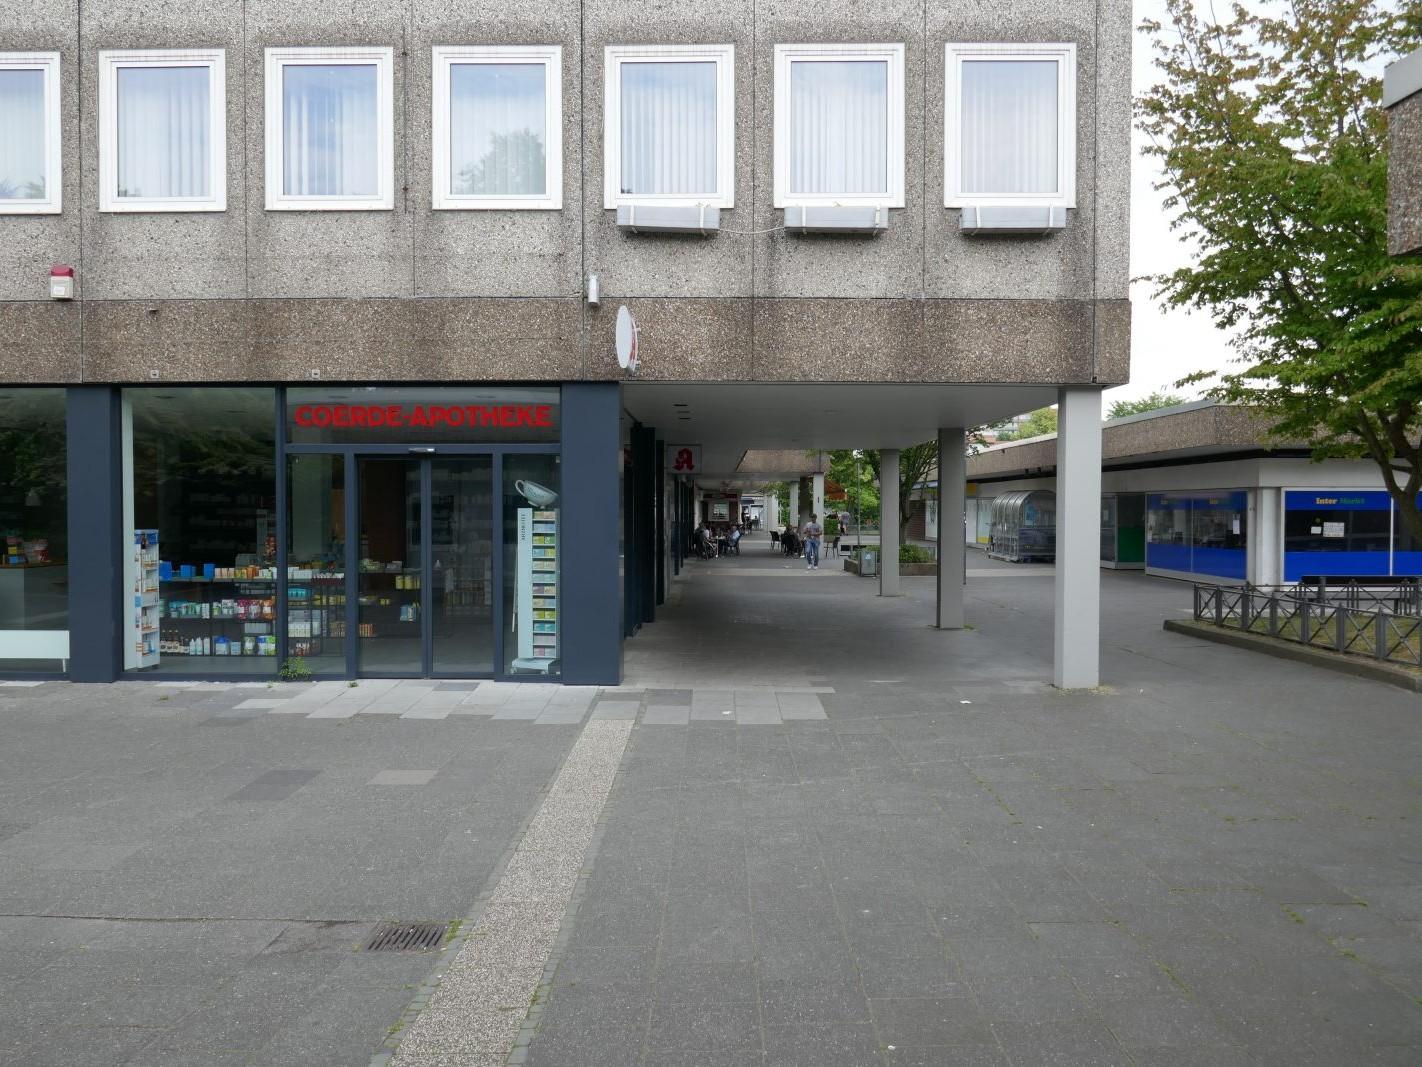 Münster vor Ort: Coerde - Coerdemarkt - Foto: Stefan Rethfeld